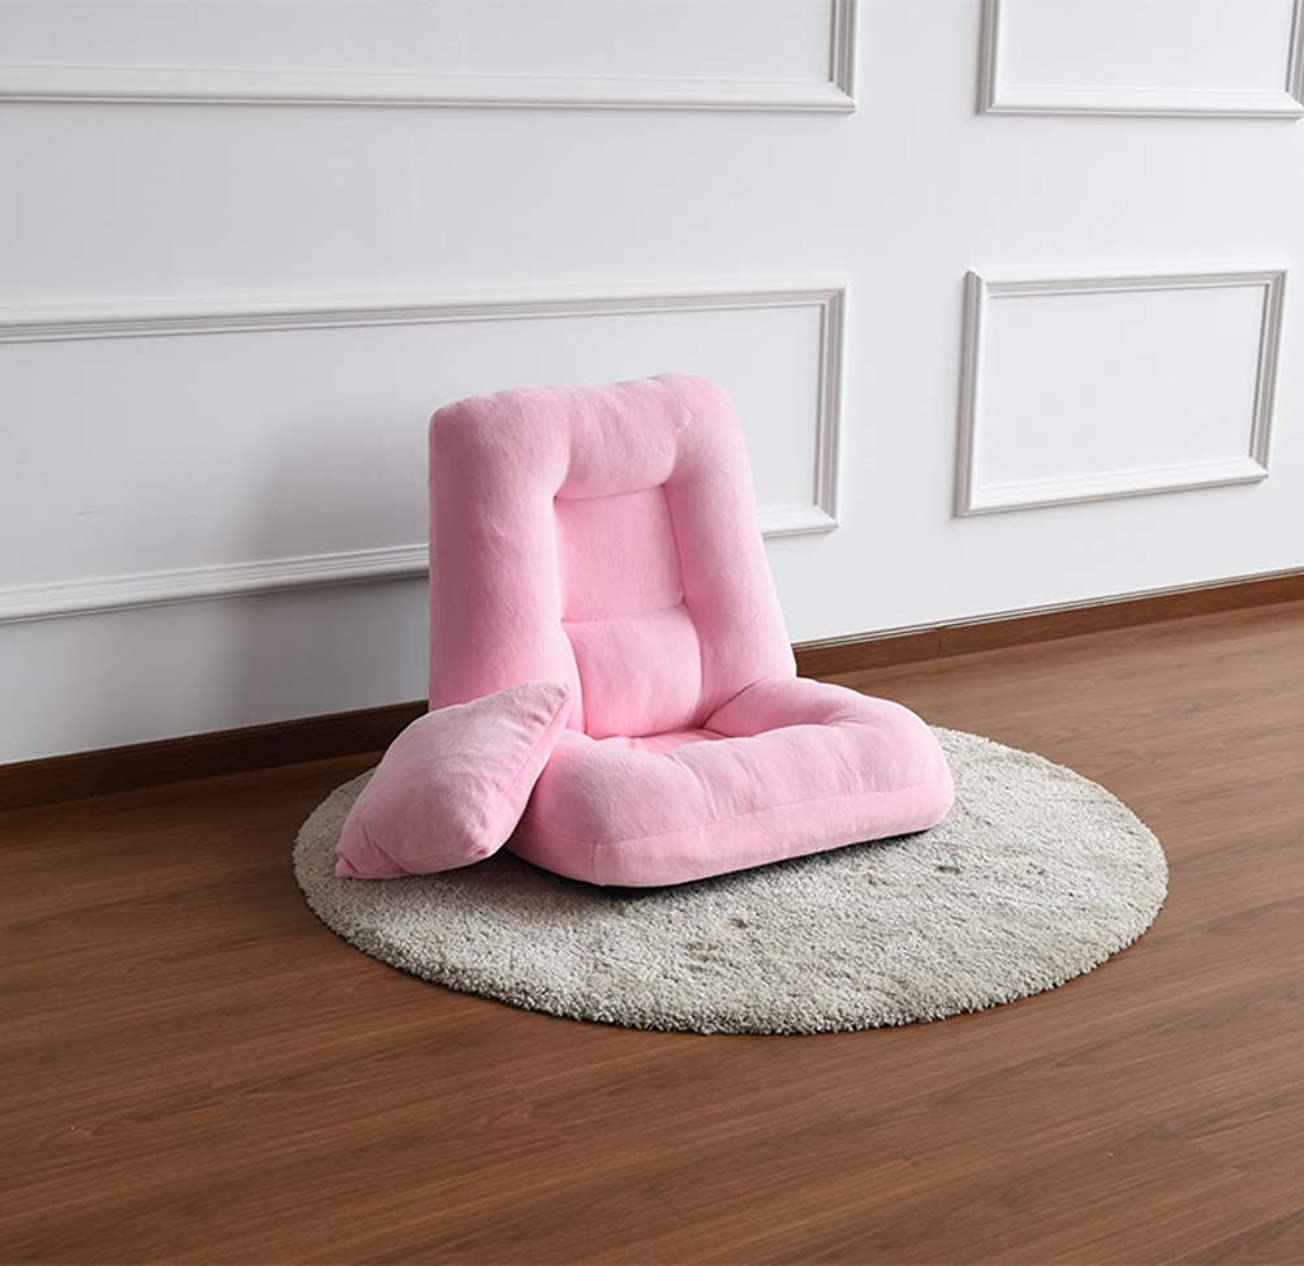 アンペア条件付き勇敢な日本語 フロアチェア バルコニーの,怠惰なソファ,可能 折り畳み式 ベッド コンピュータチェア 14 の速度調節できる背もたれのサポート-ピンク